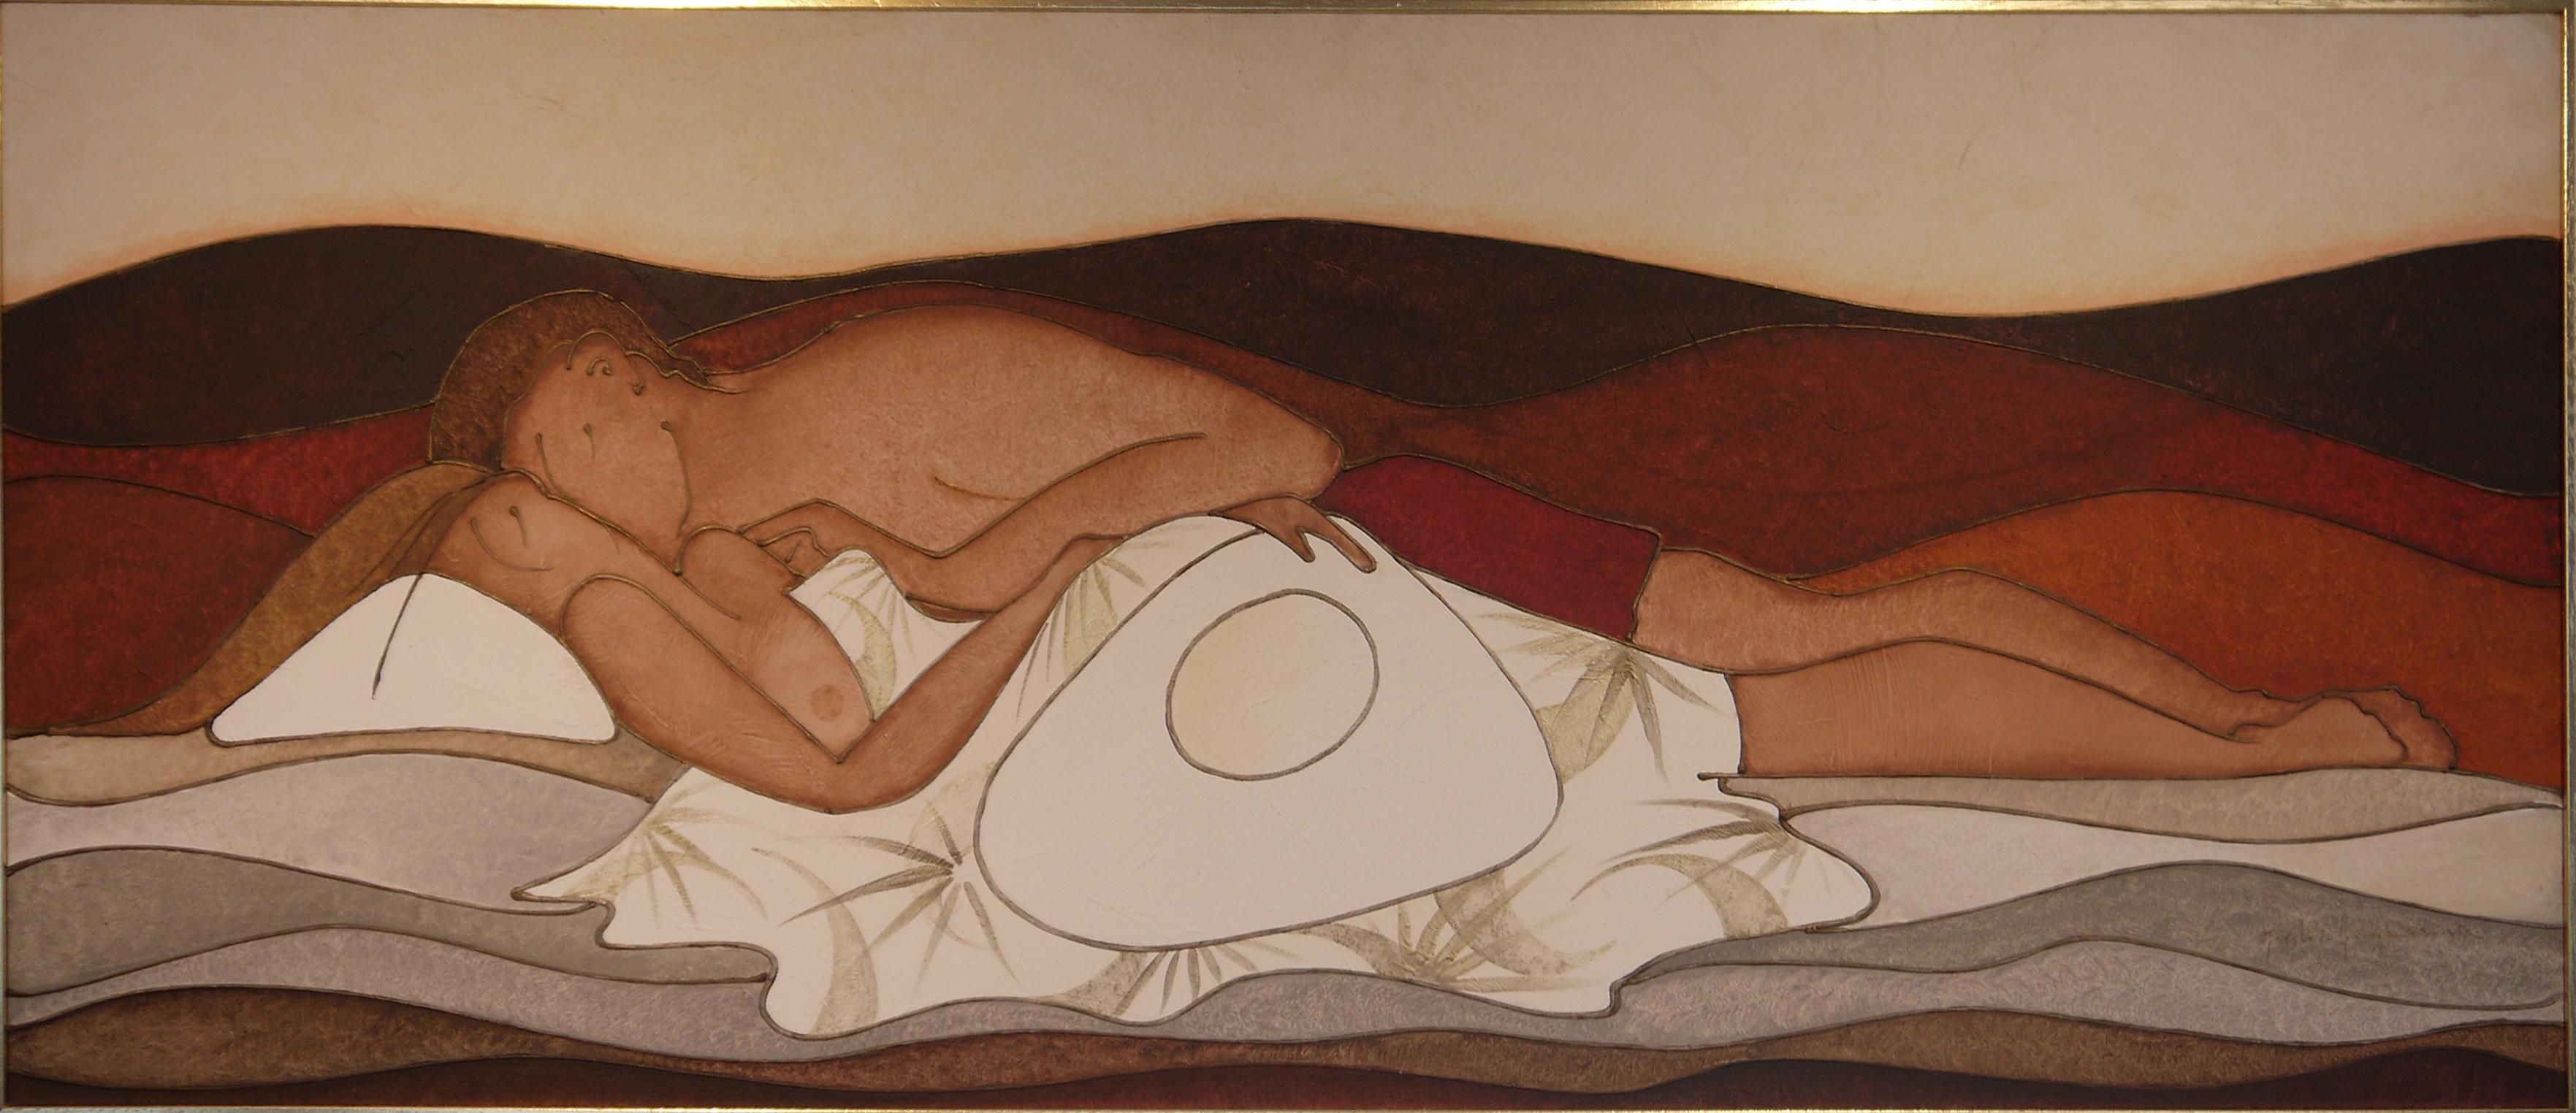 Segno Capricorno 20x20 - Acrilico, stucco e sabbia su tela